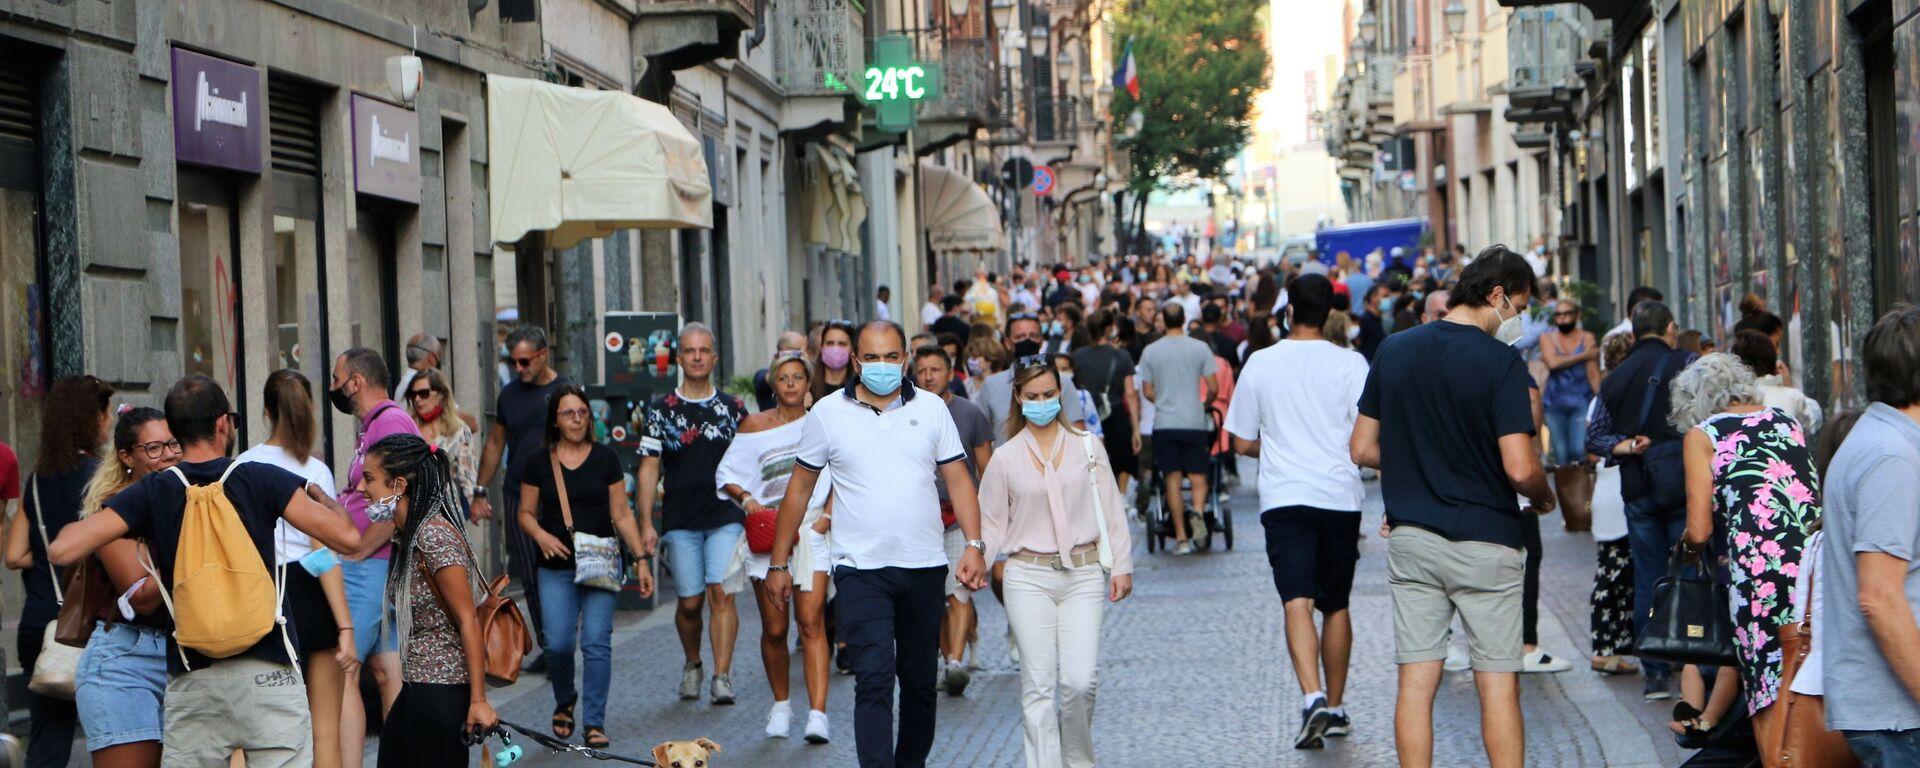 Coronavirus in Italia, la gente indossa le mascherine protettive - Sputnik Italia, 1920, 04.01.2021